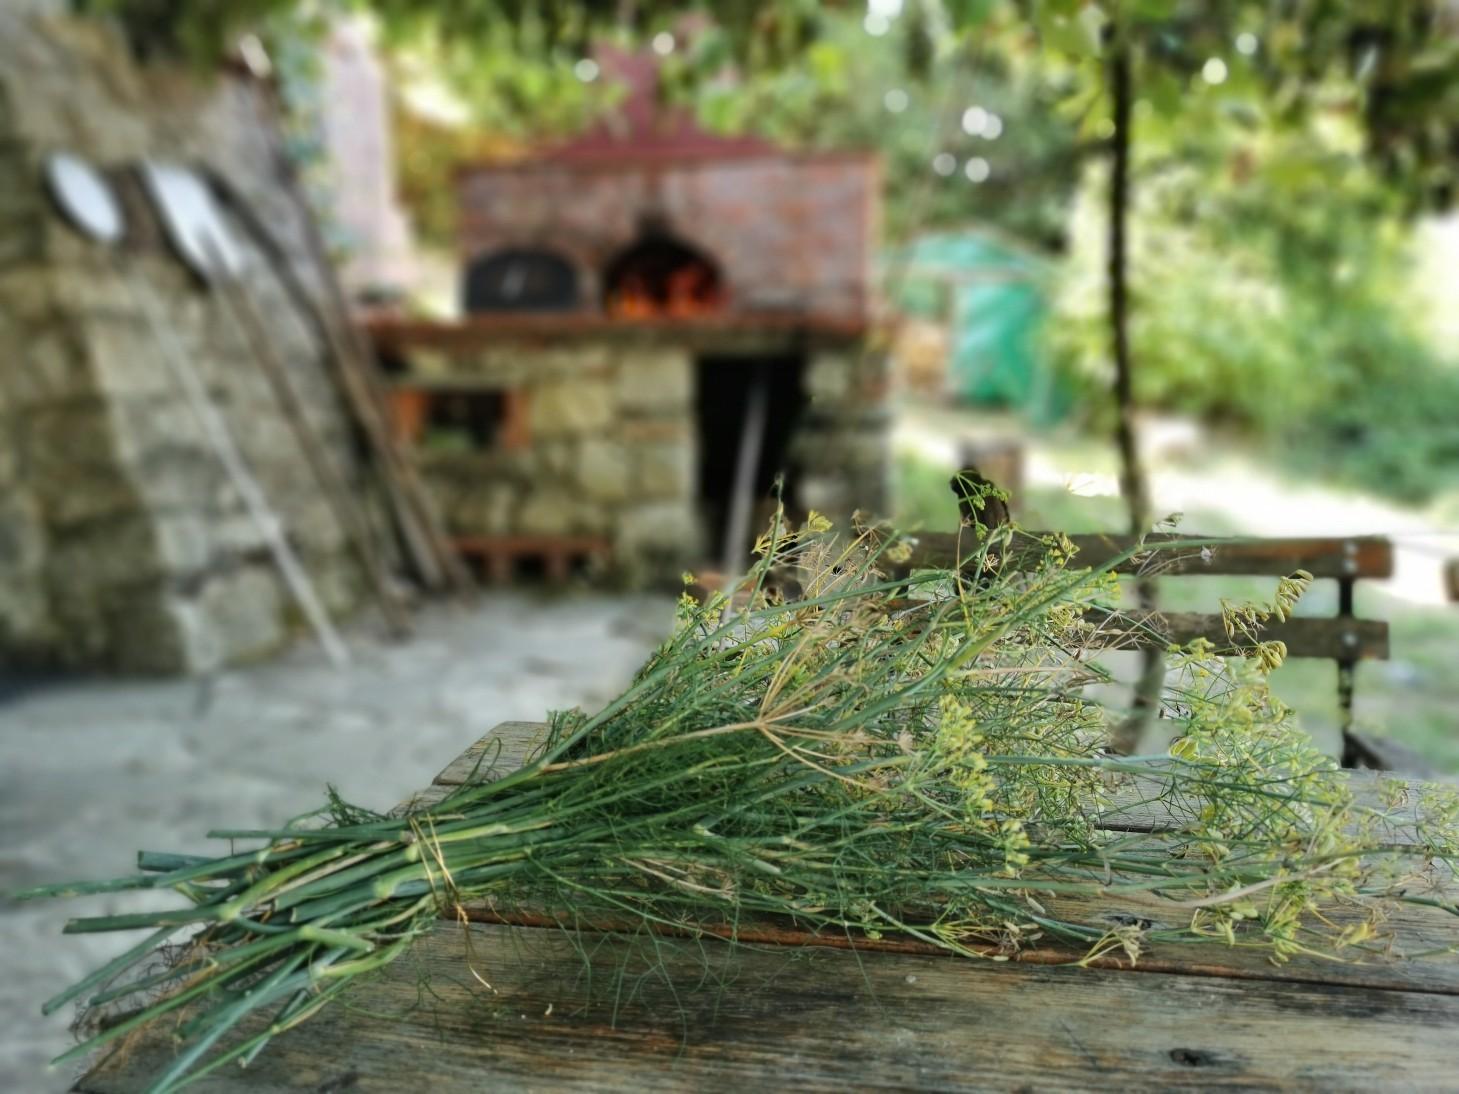 久しぶりに我が家でパン焼き_f0106597_02000203.jpg